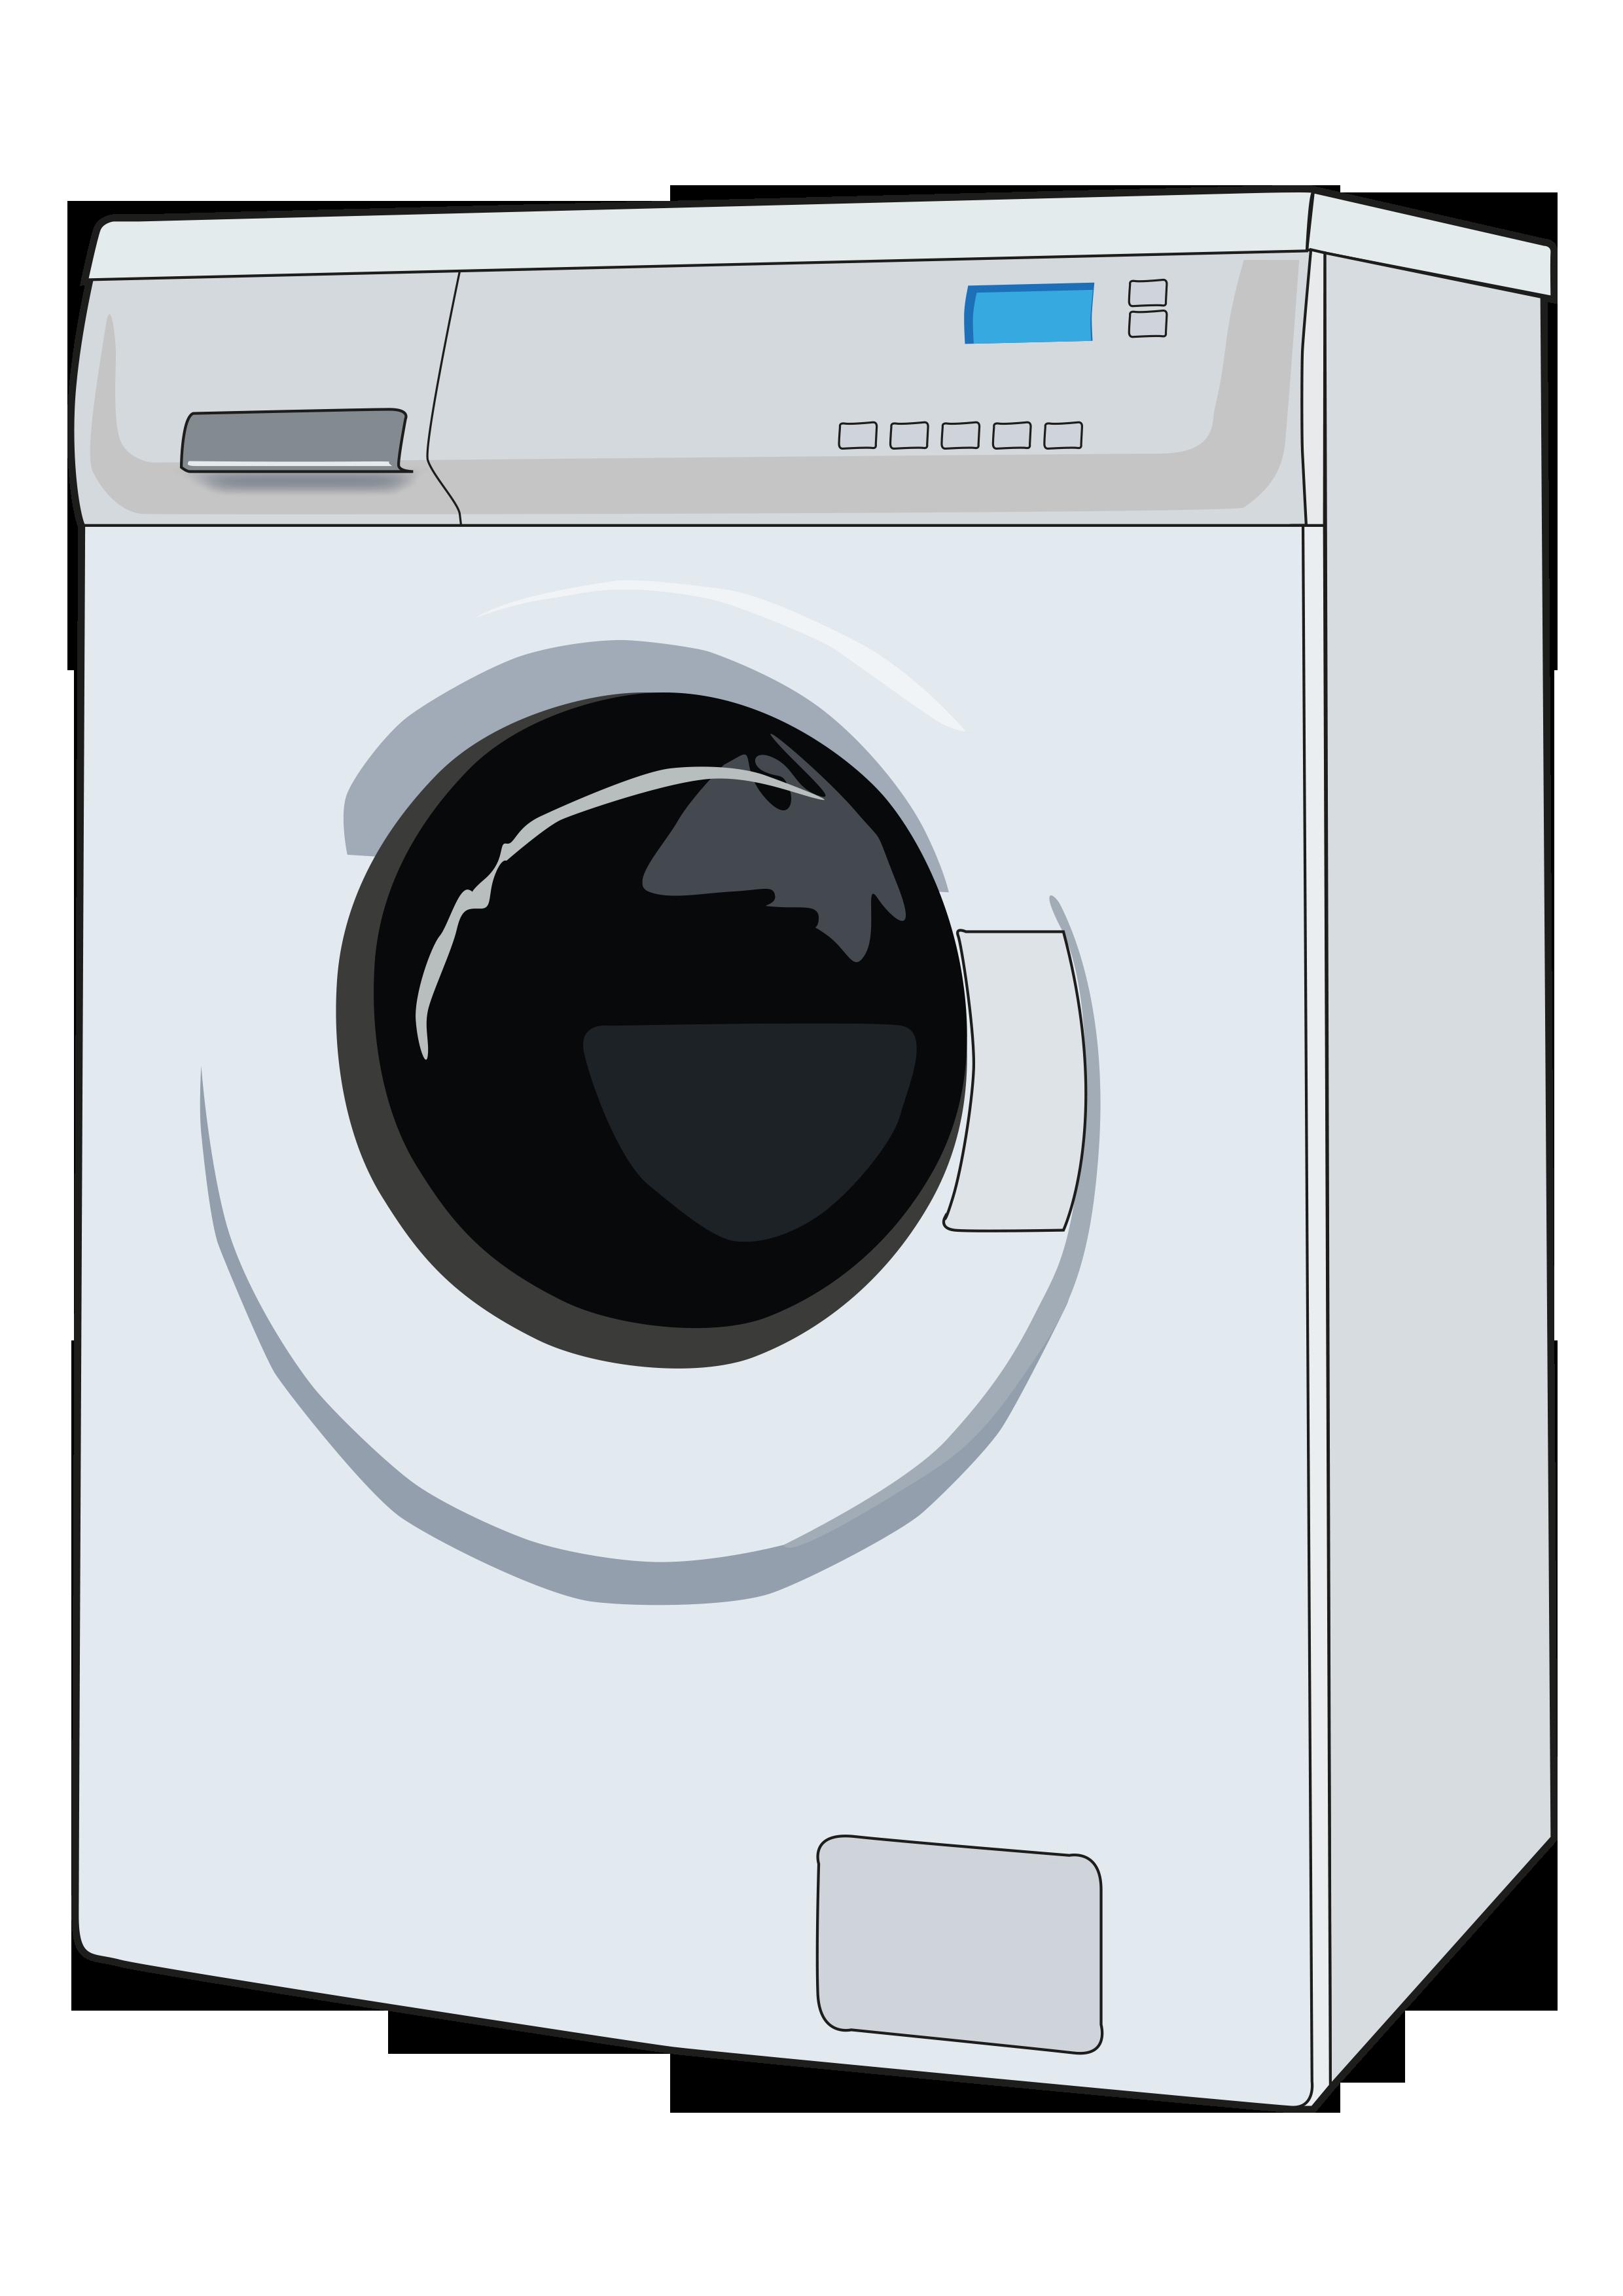 Lavadora canal del rea de tecnolog a educativa - Lavar almohadas en lavadora ...